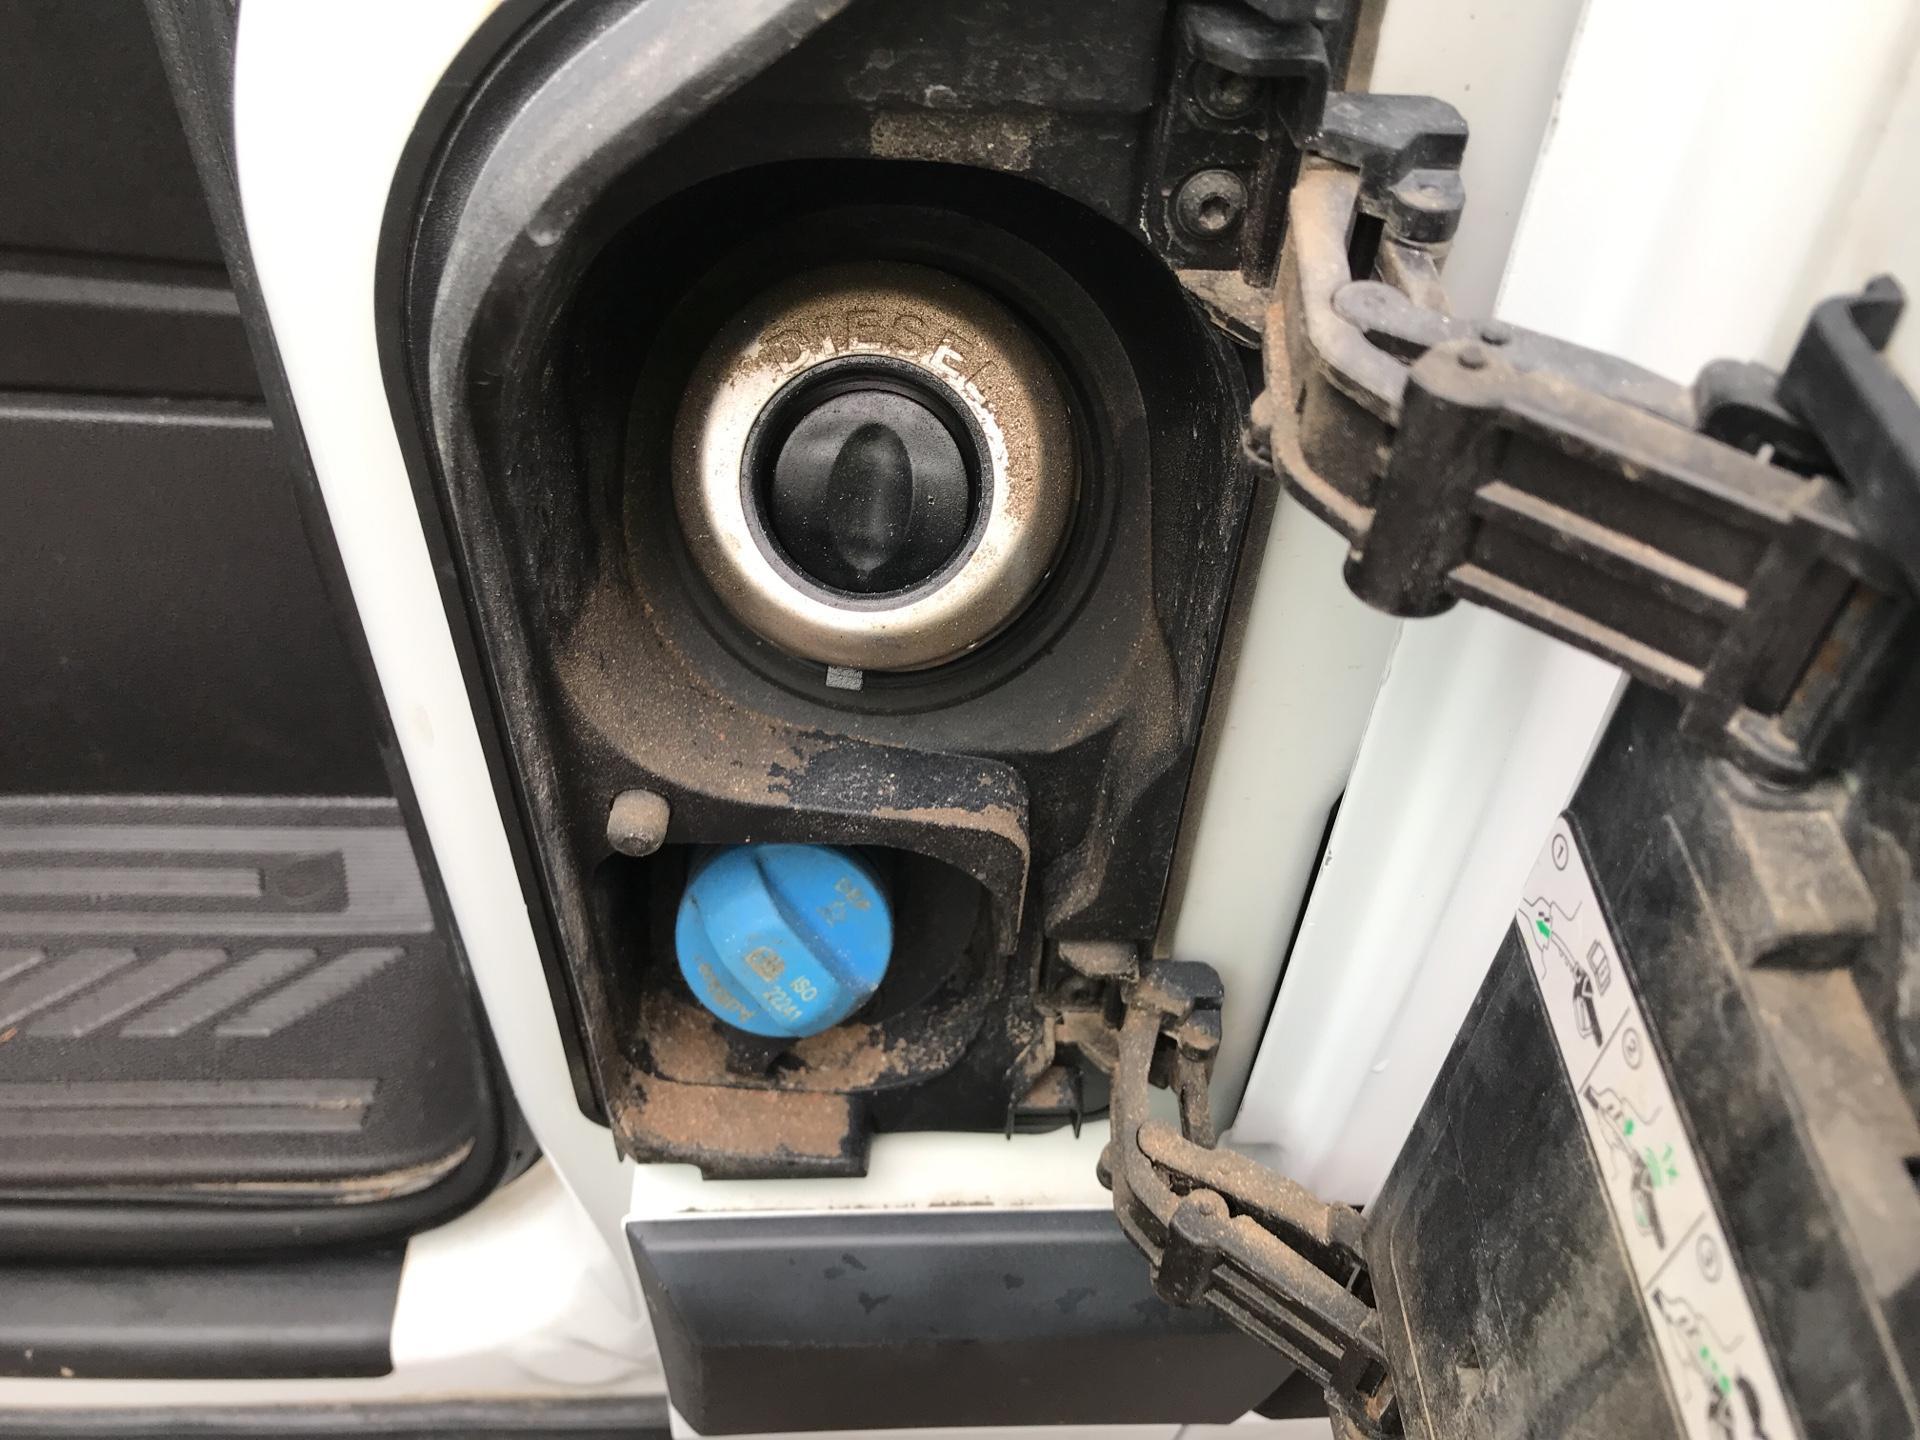 2017 Ford Transit Custom 290 L1 DIESEL FWD 2.0 TDCI 105PS LOW ROOF VAN EURO 6 (FL17VMF) Image 16